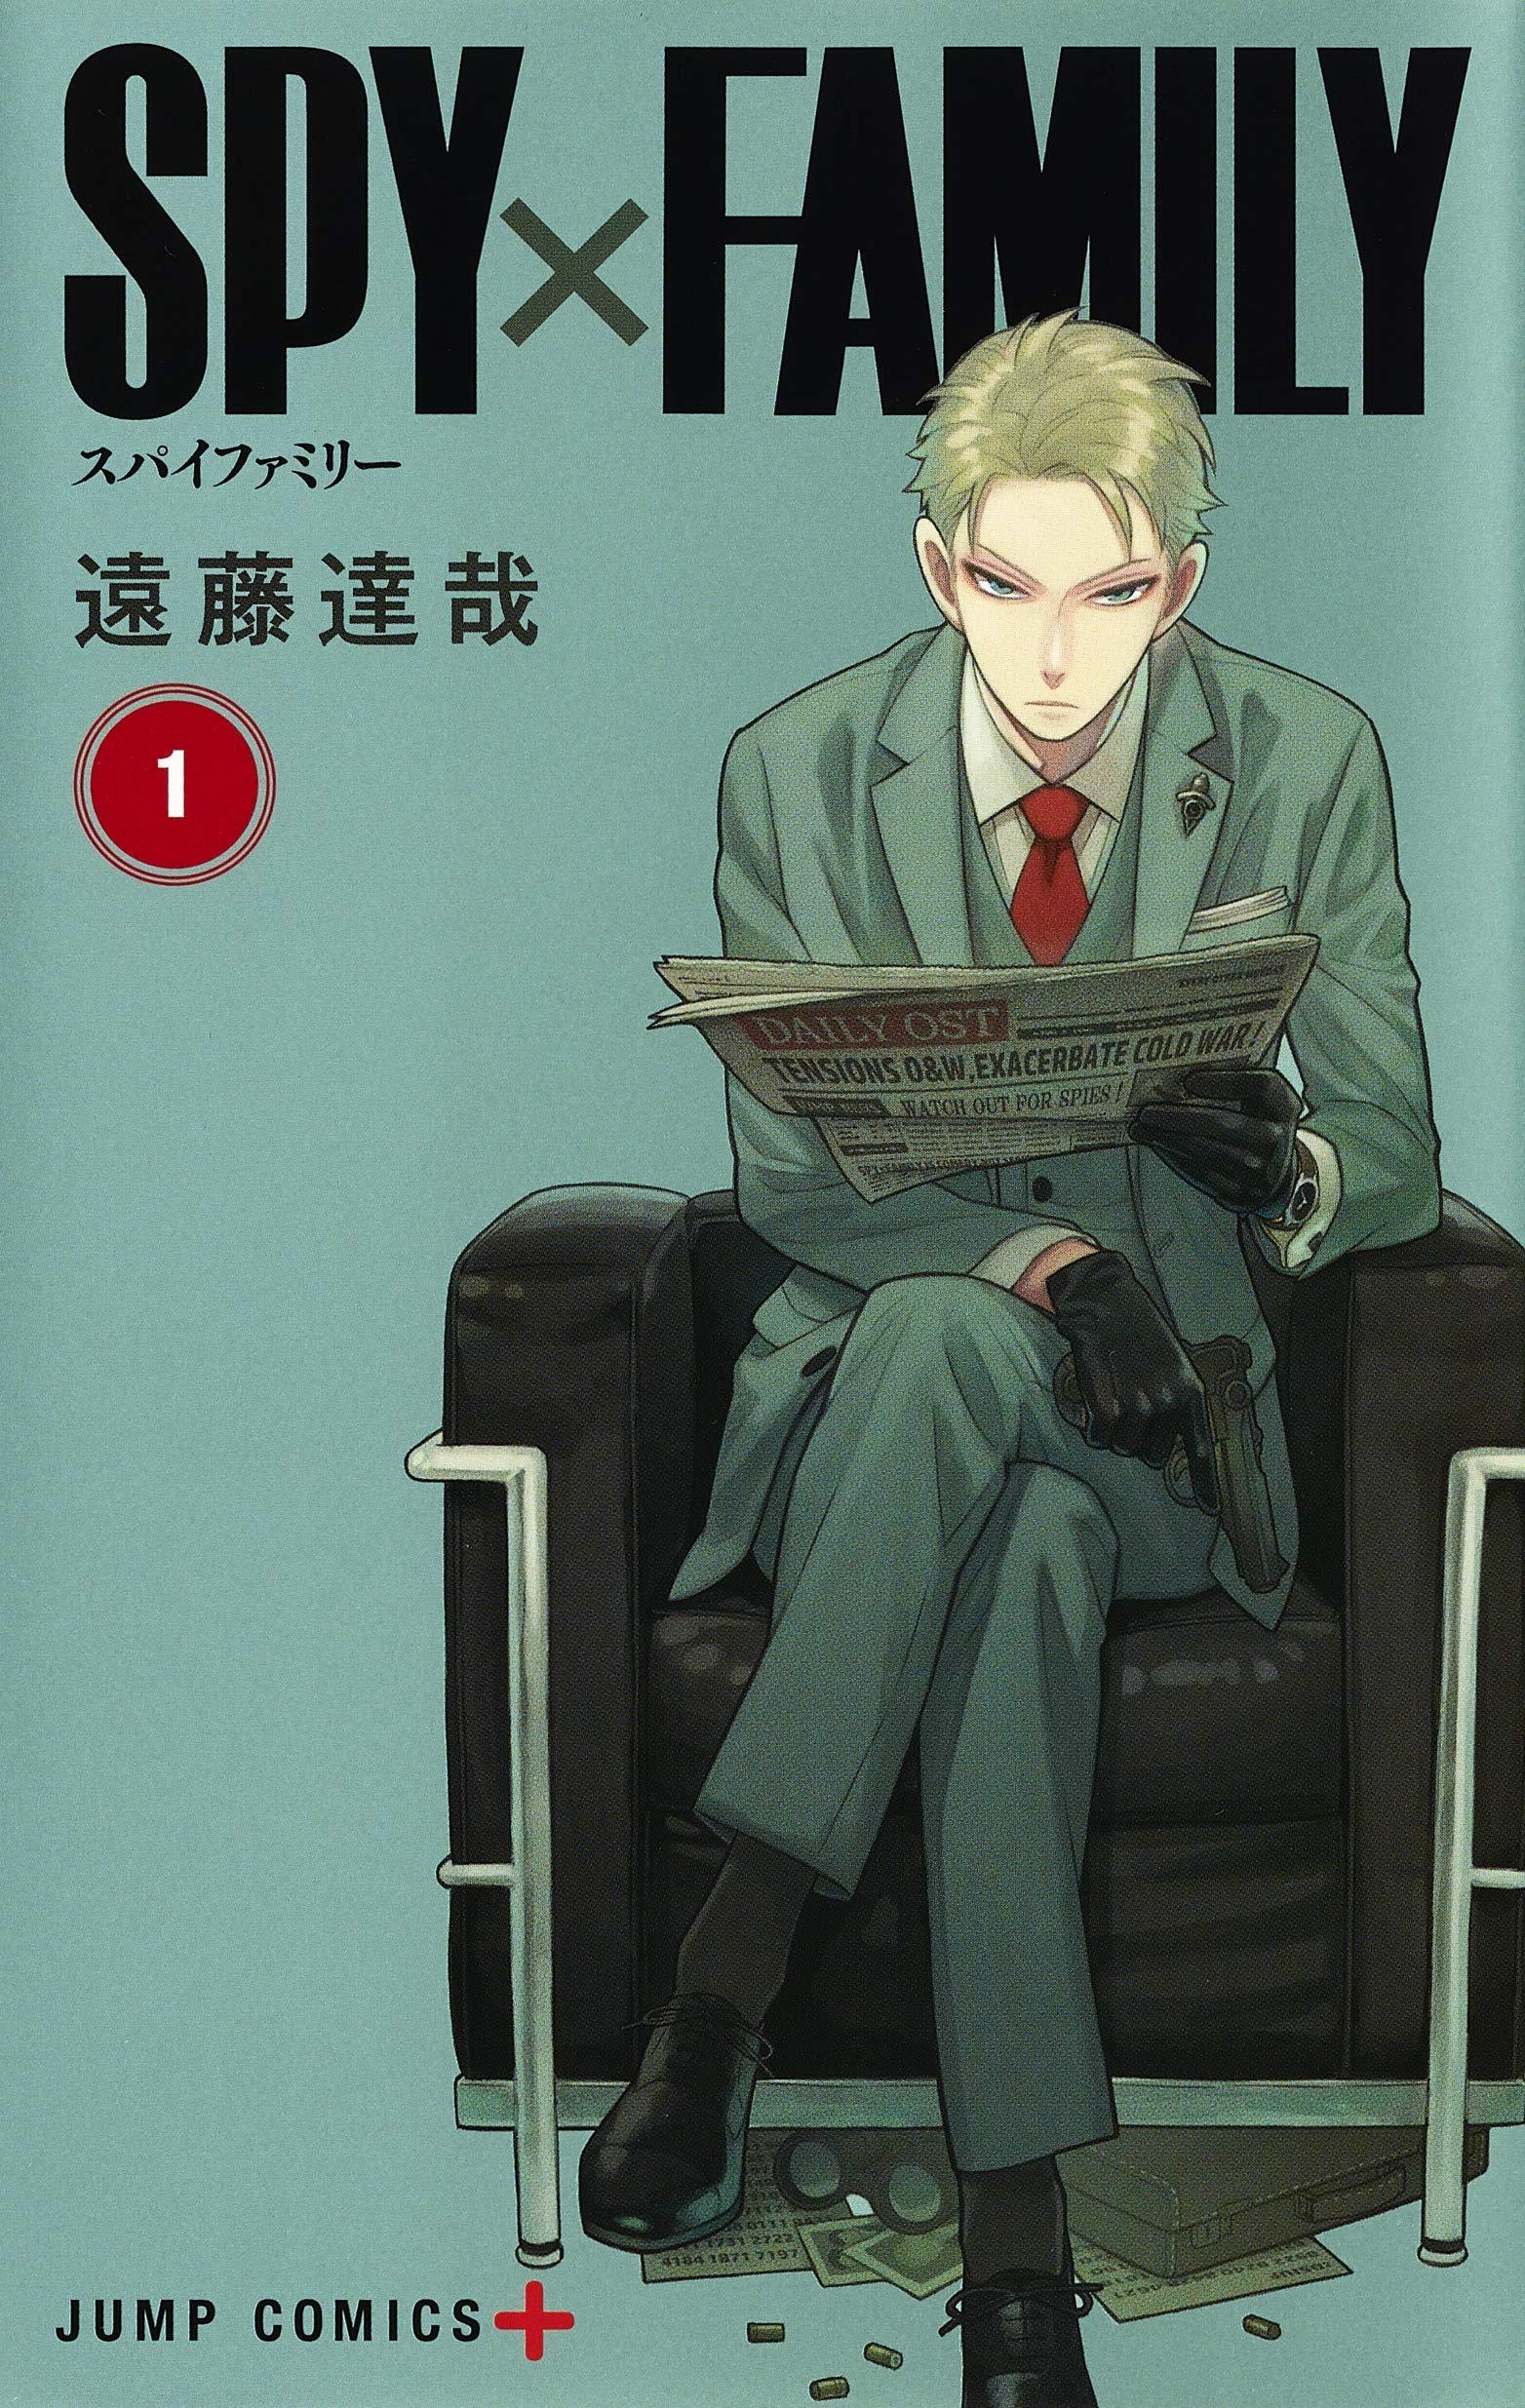 SPY×FAMILY 1 (ジャンプコミックス) | 遠藤 達哉 |本 | 通販 | Amazon